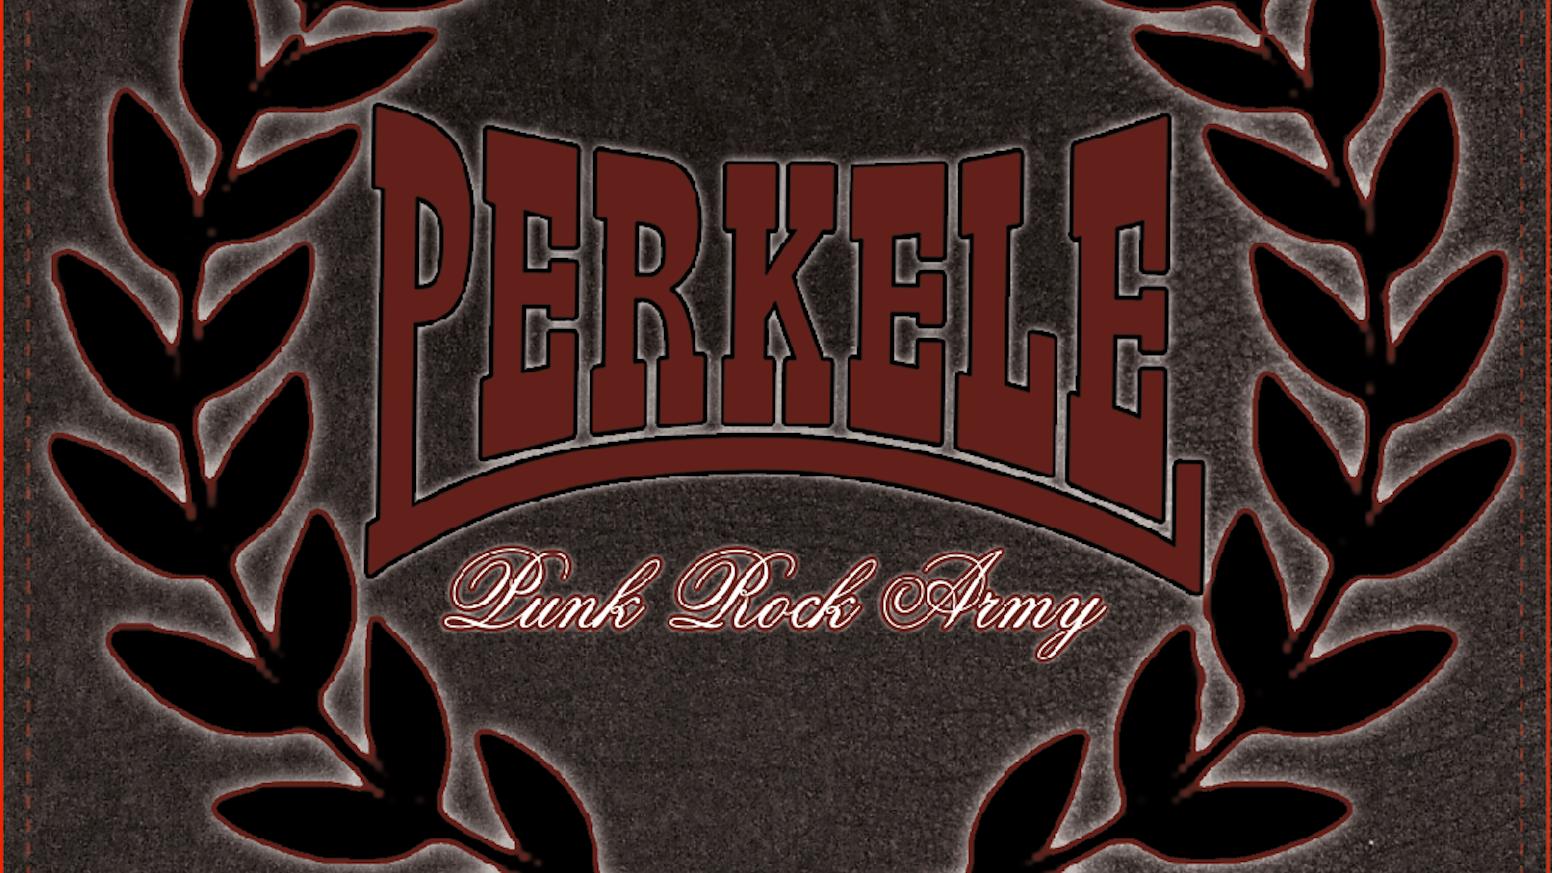 Perkele Band